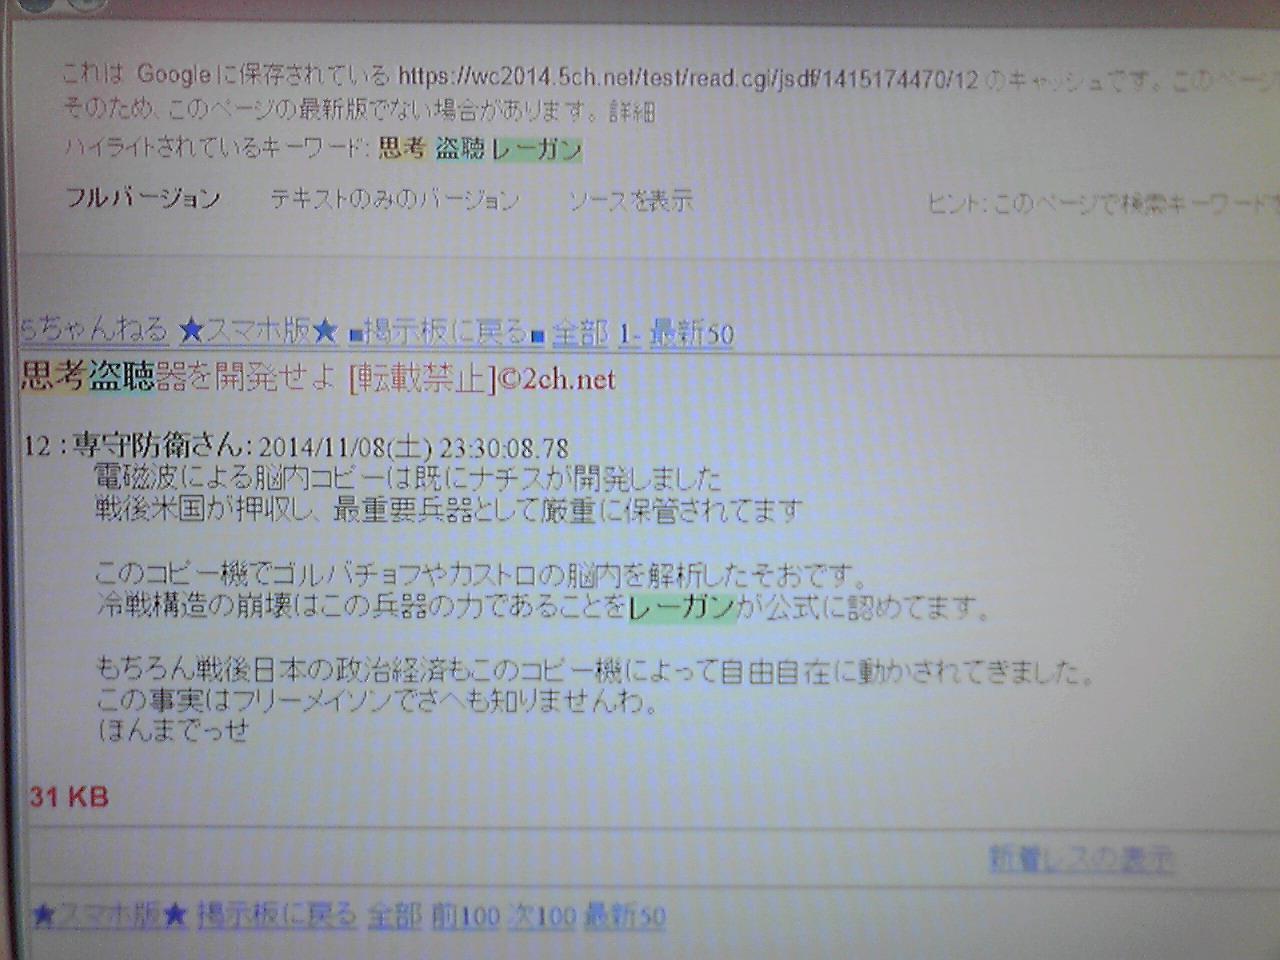 f:id:uta_stream:20180301140239j:plain